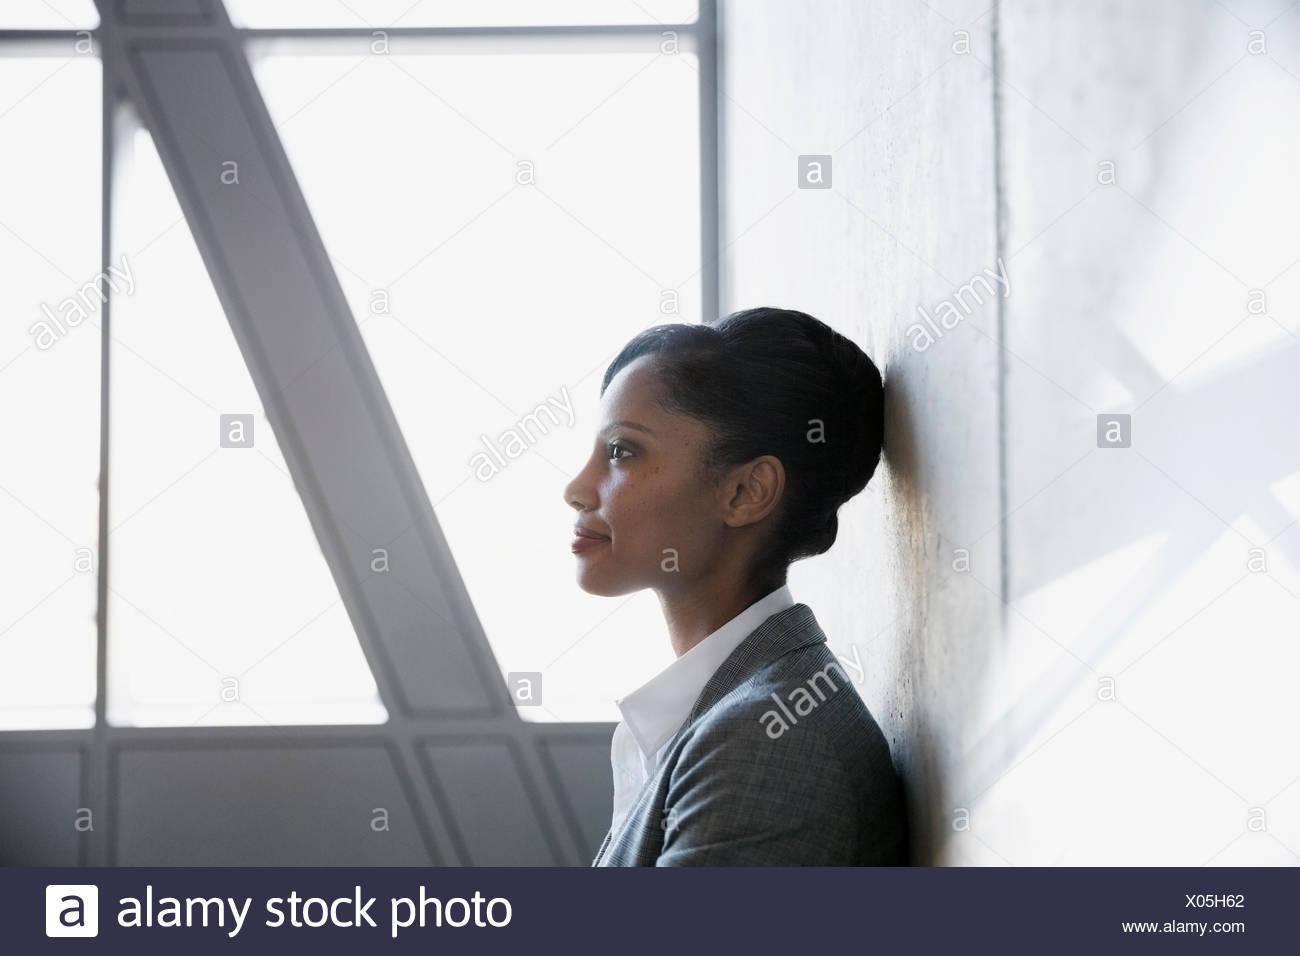 Profil von nachdenklich Geschäftsfrau mit schwarzen Haaren wegschauen Stockbild